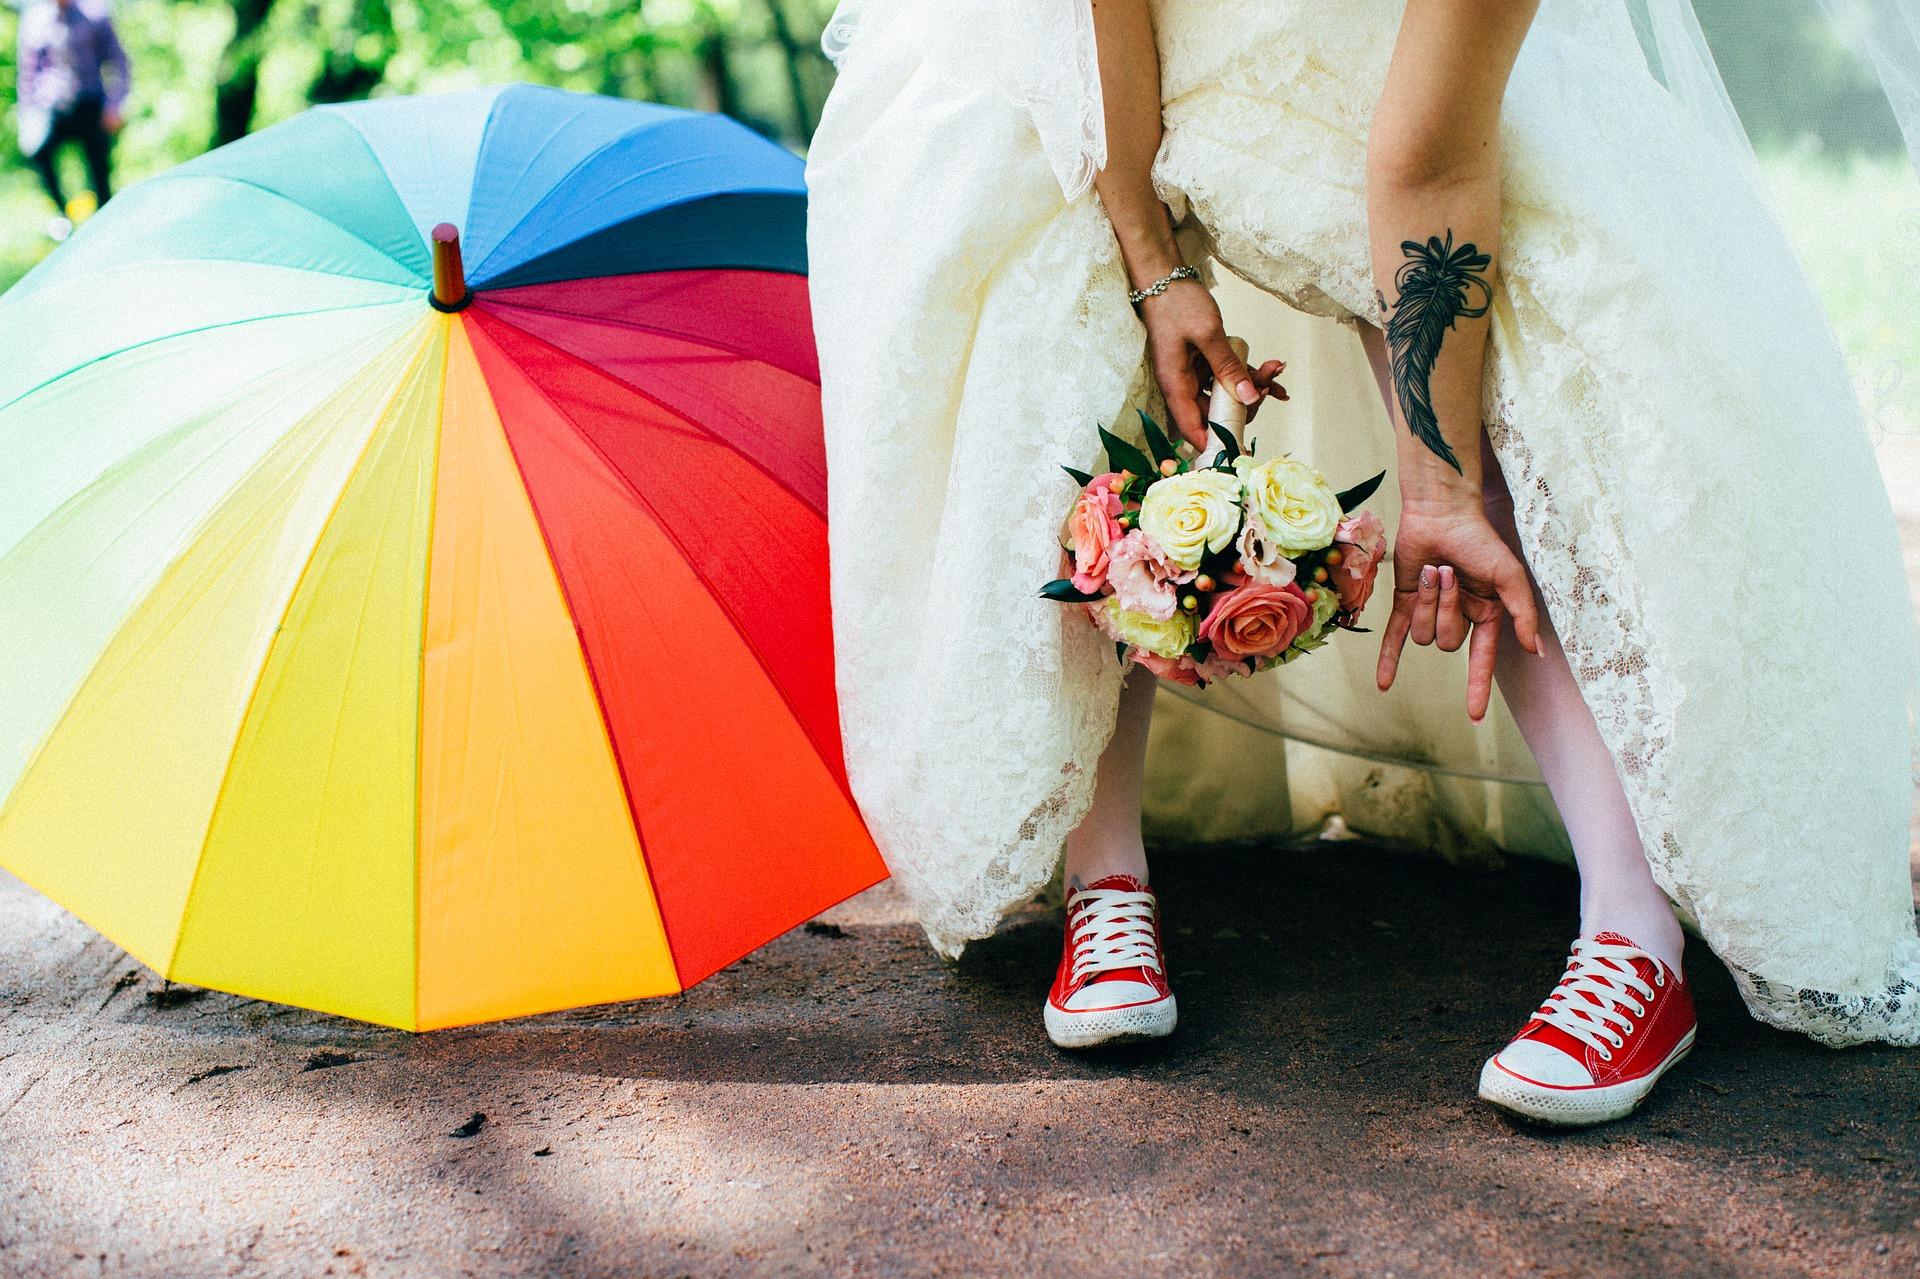 Scarpe da ginnastica da sposa personalizzate, come fare?